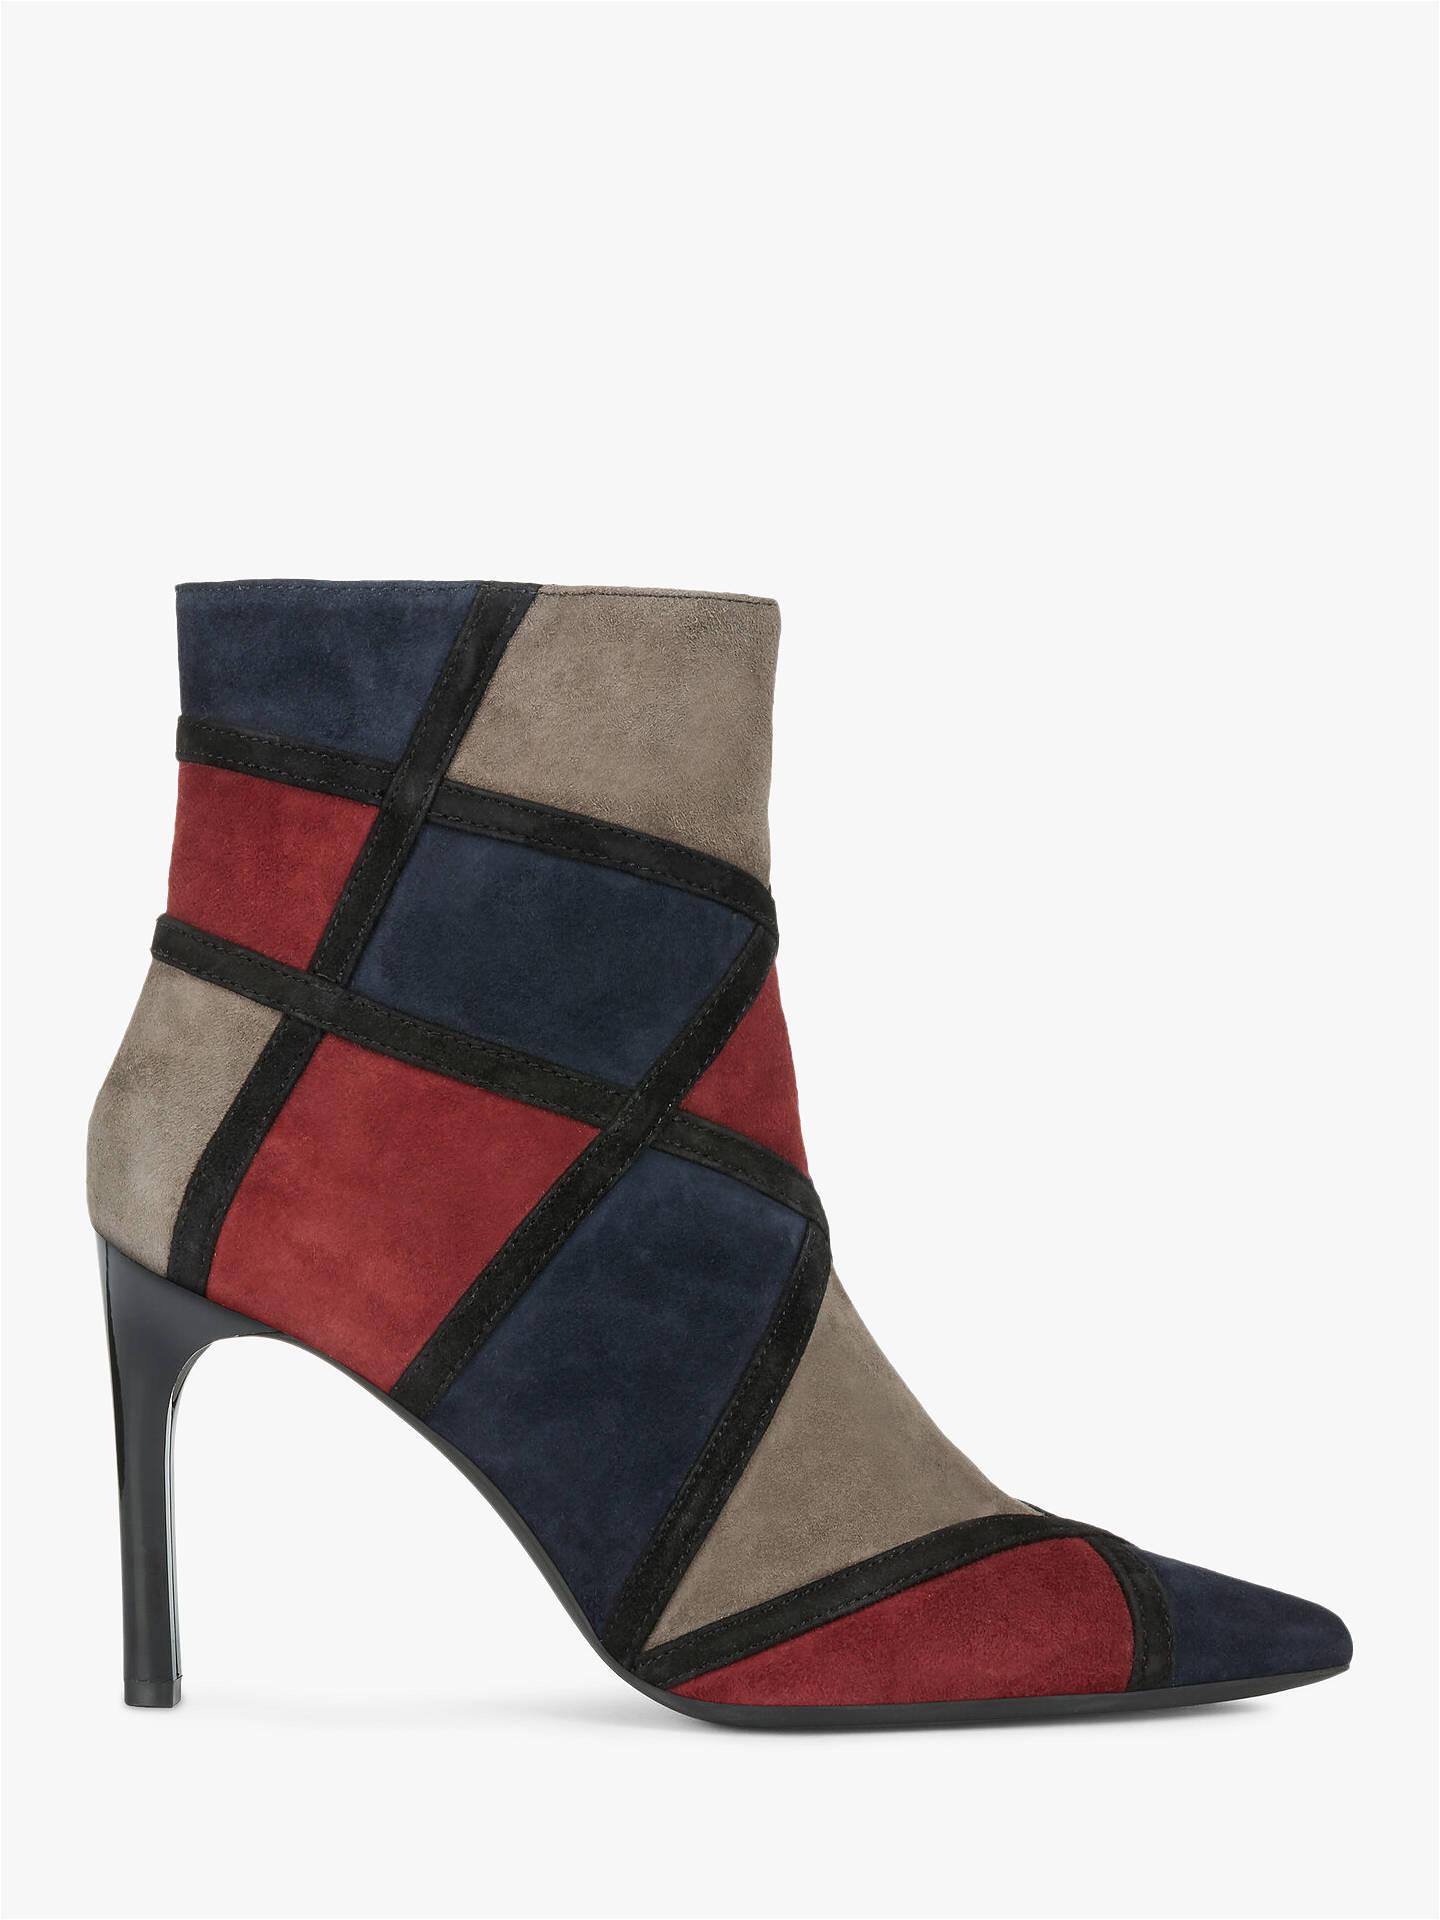 plus grand choix de classcic obtenir de nouveaux Geox Women's Faviola Suede Ankle Boots, Navy/Bordeaux